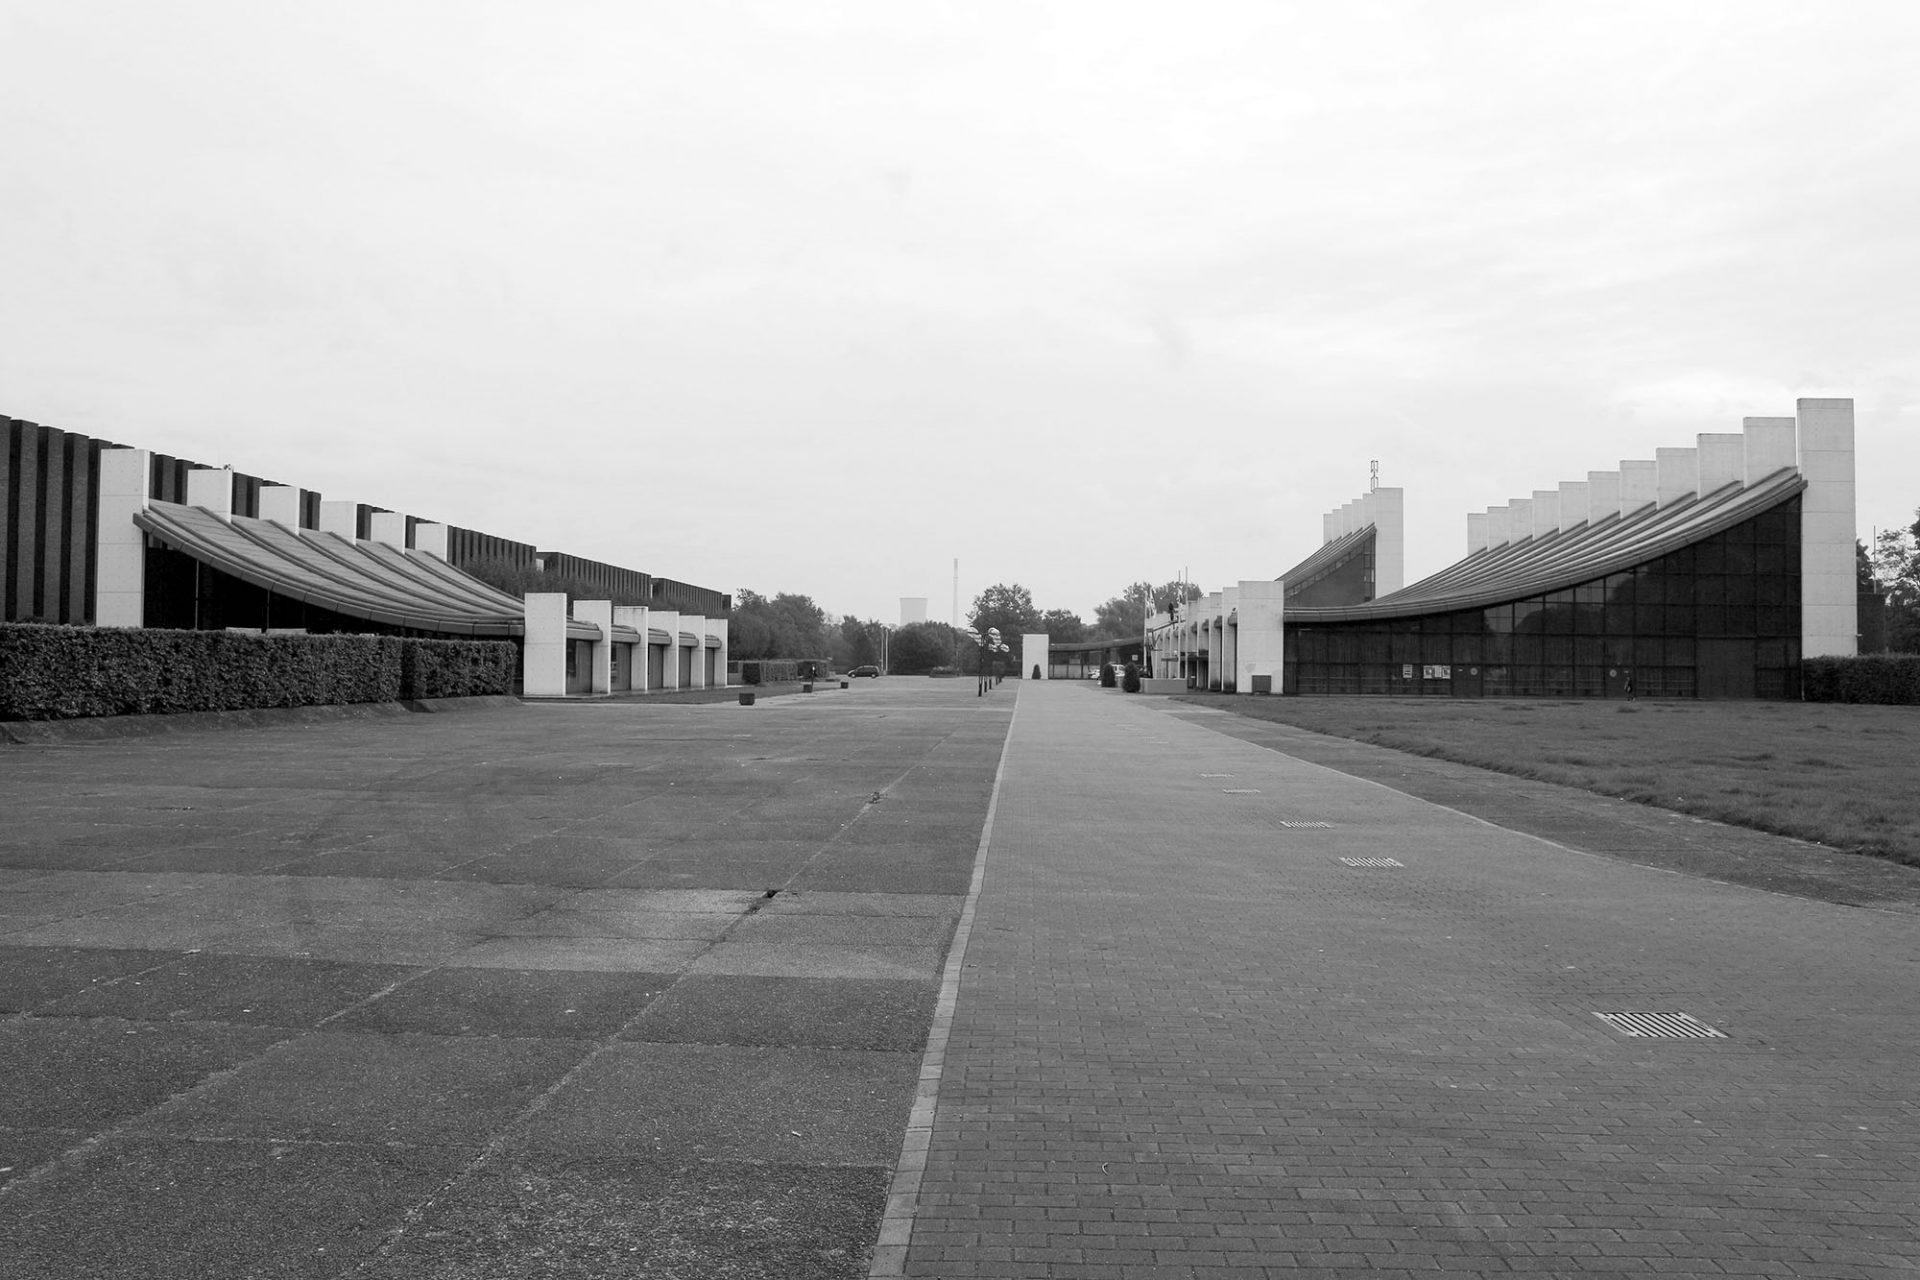 Forum Europaplatz. von Arne Jacobsen und Otto Weitling. Eine Verschmelzung von Stadt und Natur. Fertigstellung: 1976.